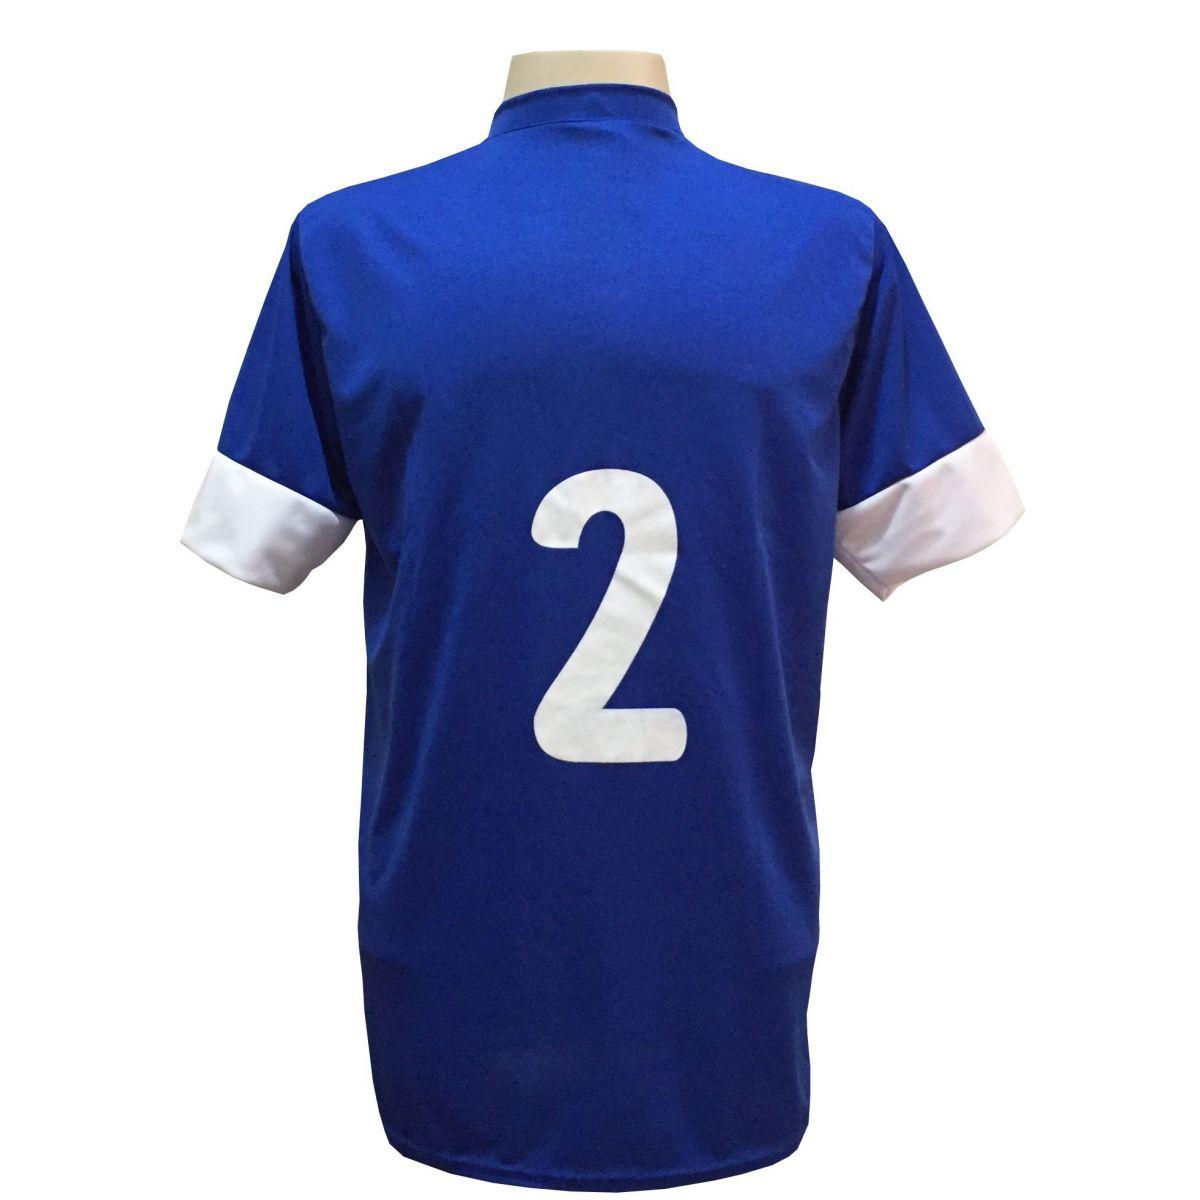 Jogo de Camisa com 18 unidades Columbus Royal/Branco + 1 Goleiro + Brindes